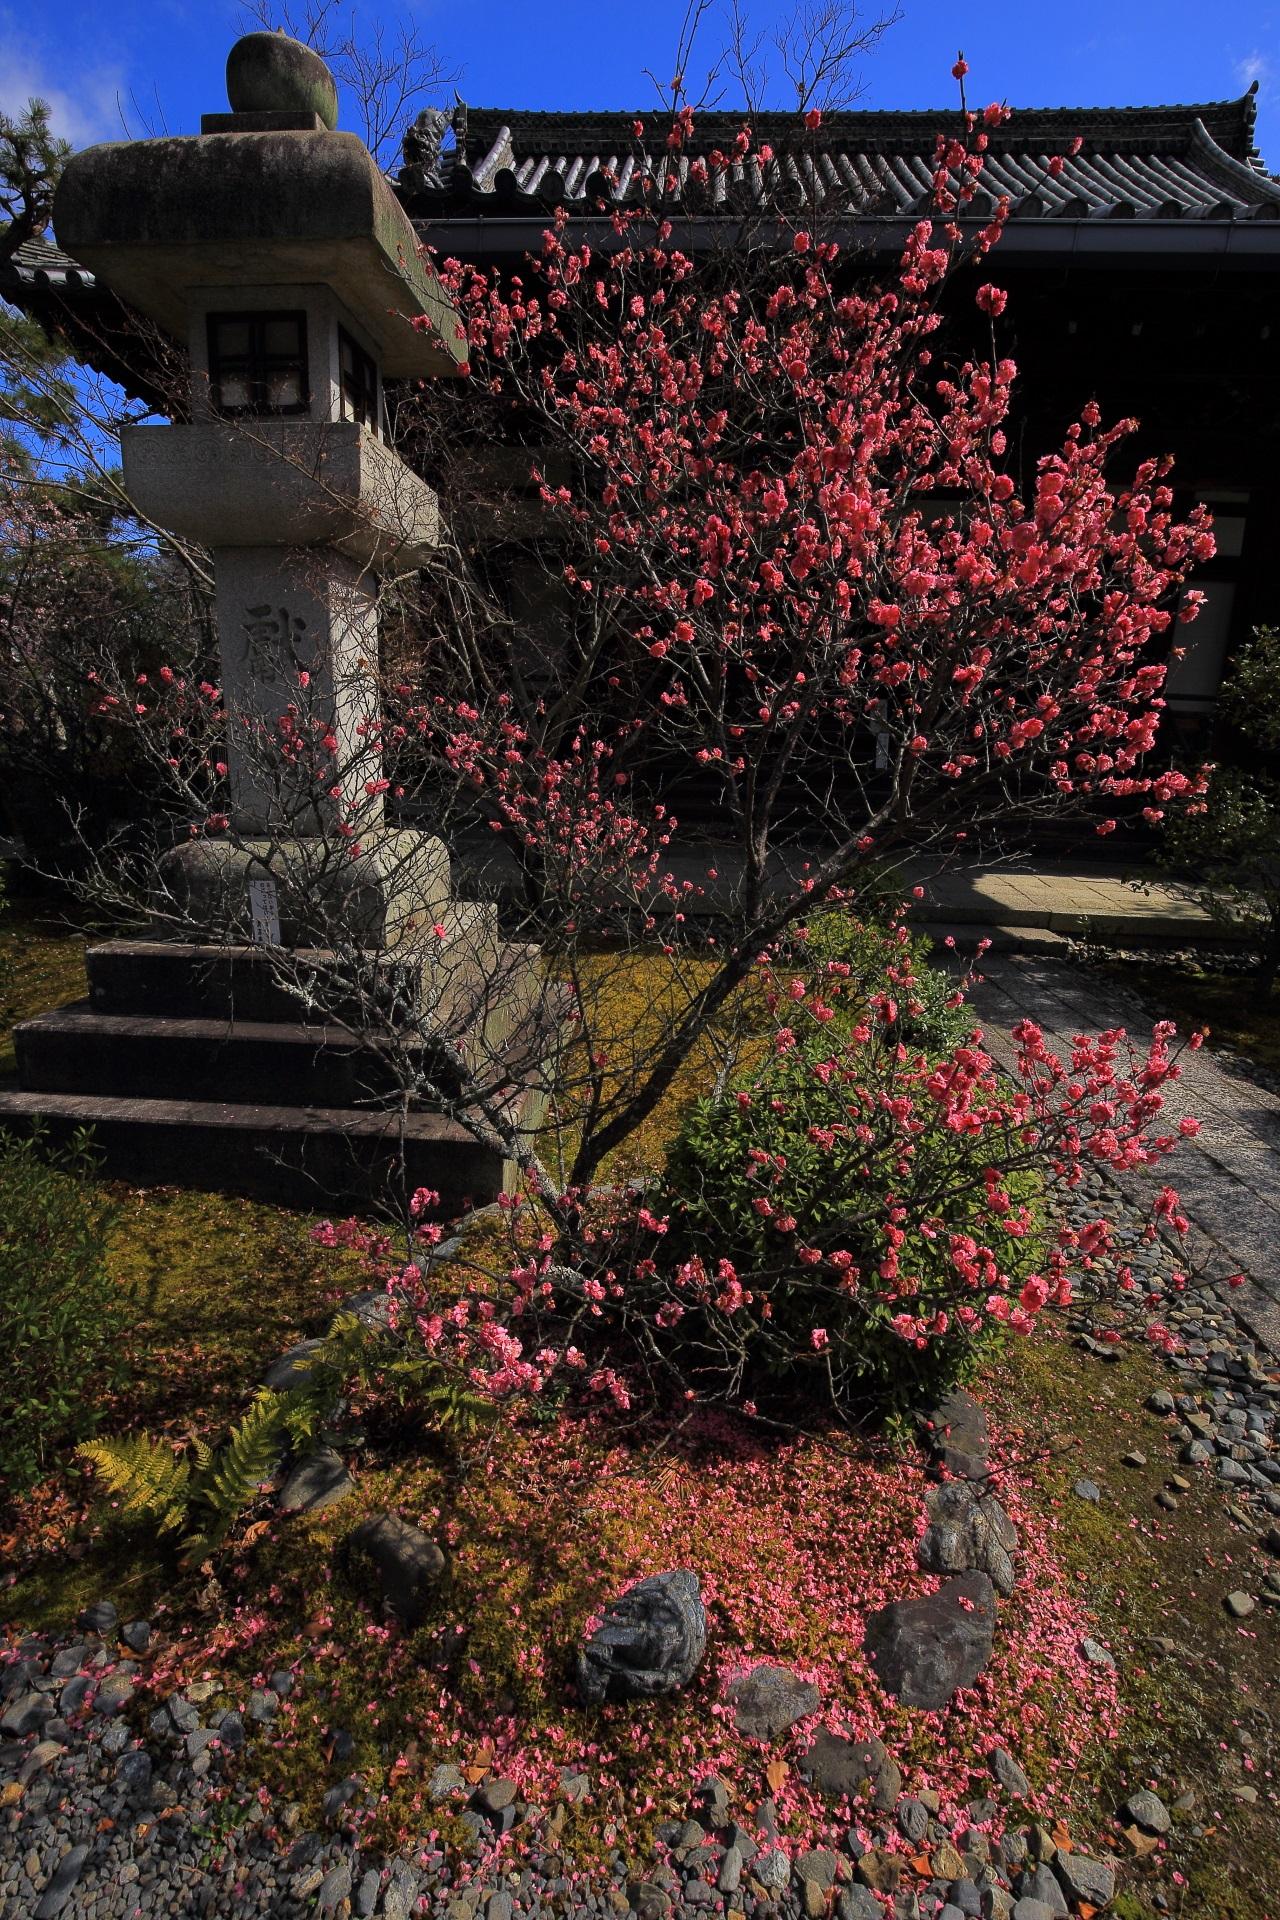 阿弥陀堂を彩る鮮やかな梅の花と散ったピンクの花びら